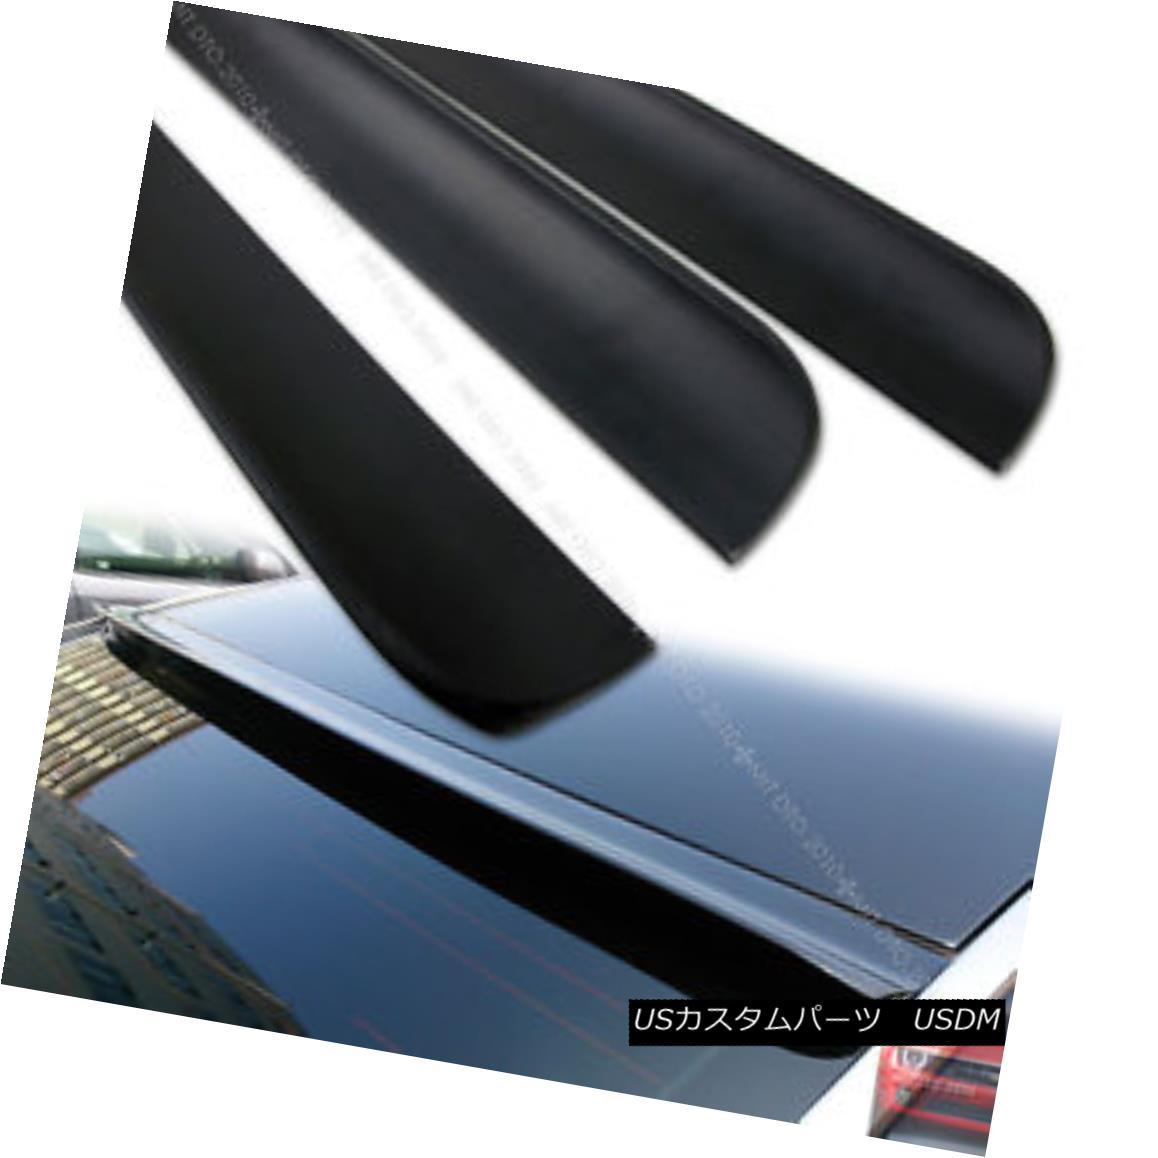 エアロパーツ Unpainted AUDI A4 / S4 B5 Rear Roof Spoiler Wing 1994-2001§ 未塗装のAUDI A4 / S4 B5リアルーフスポイラーウイング1994-2001